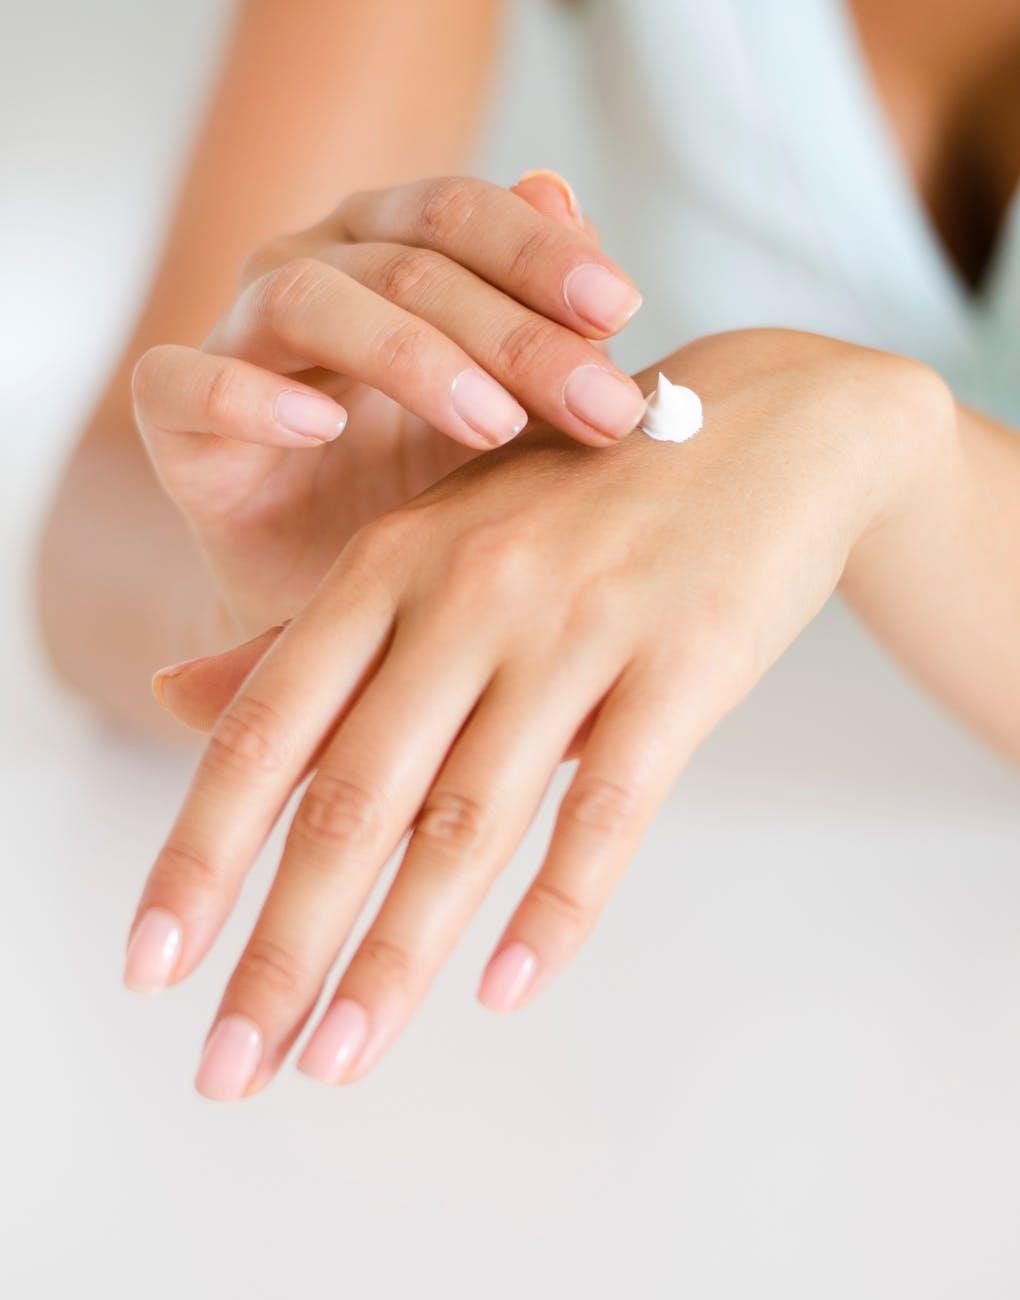 Alergias e dermatoses no calor: como evitar